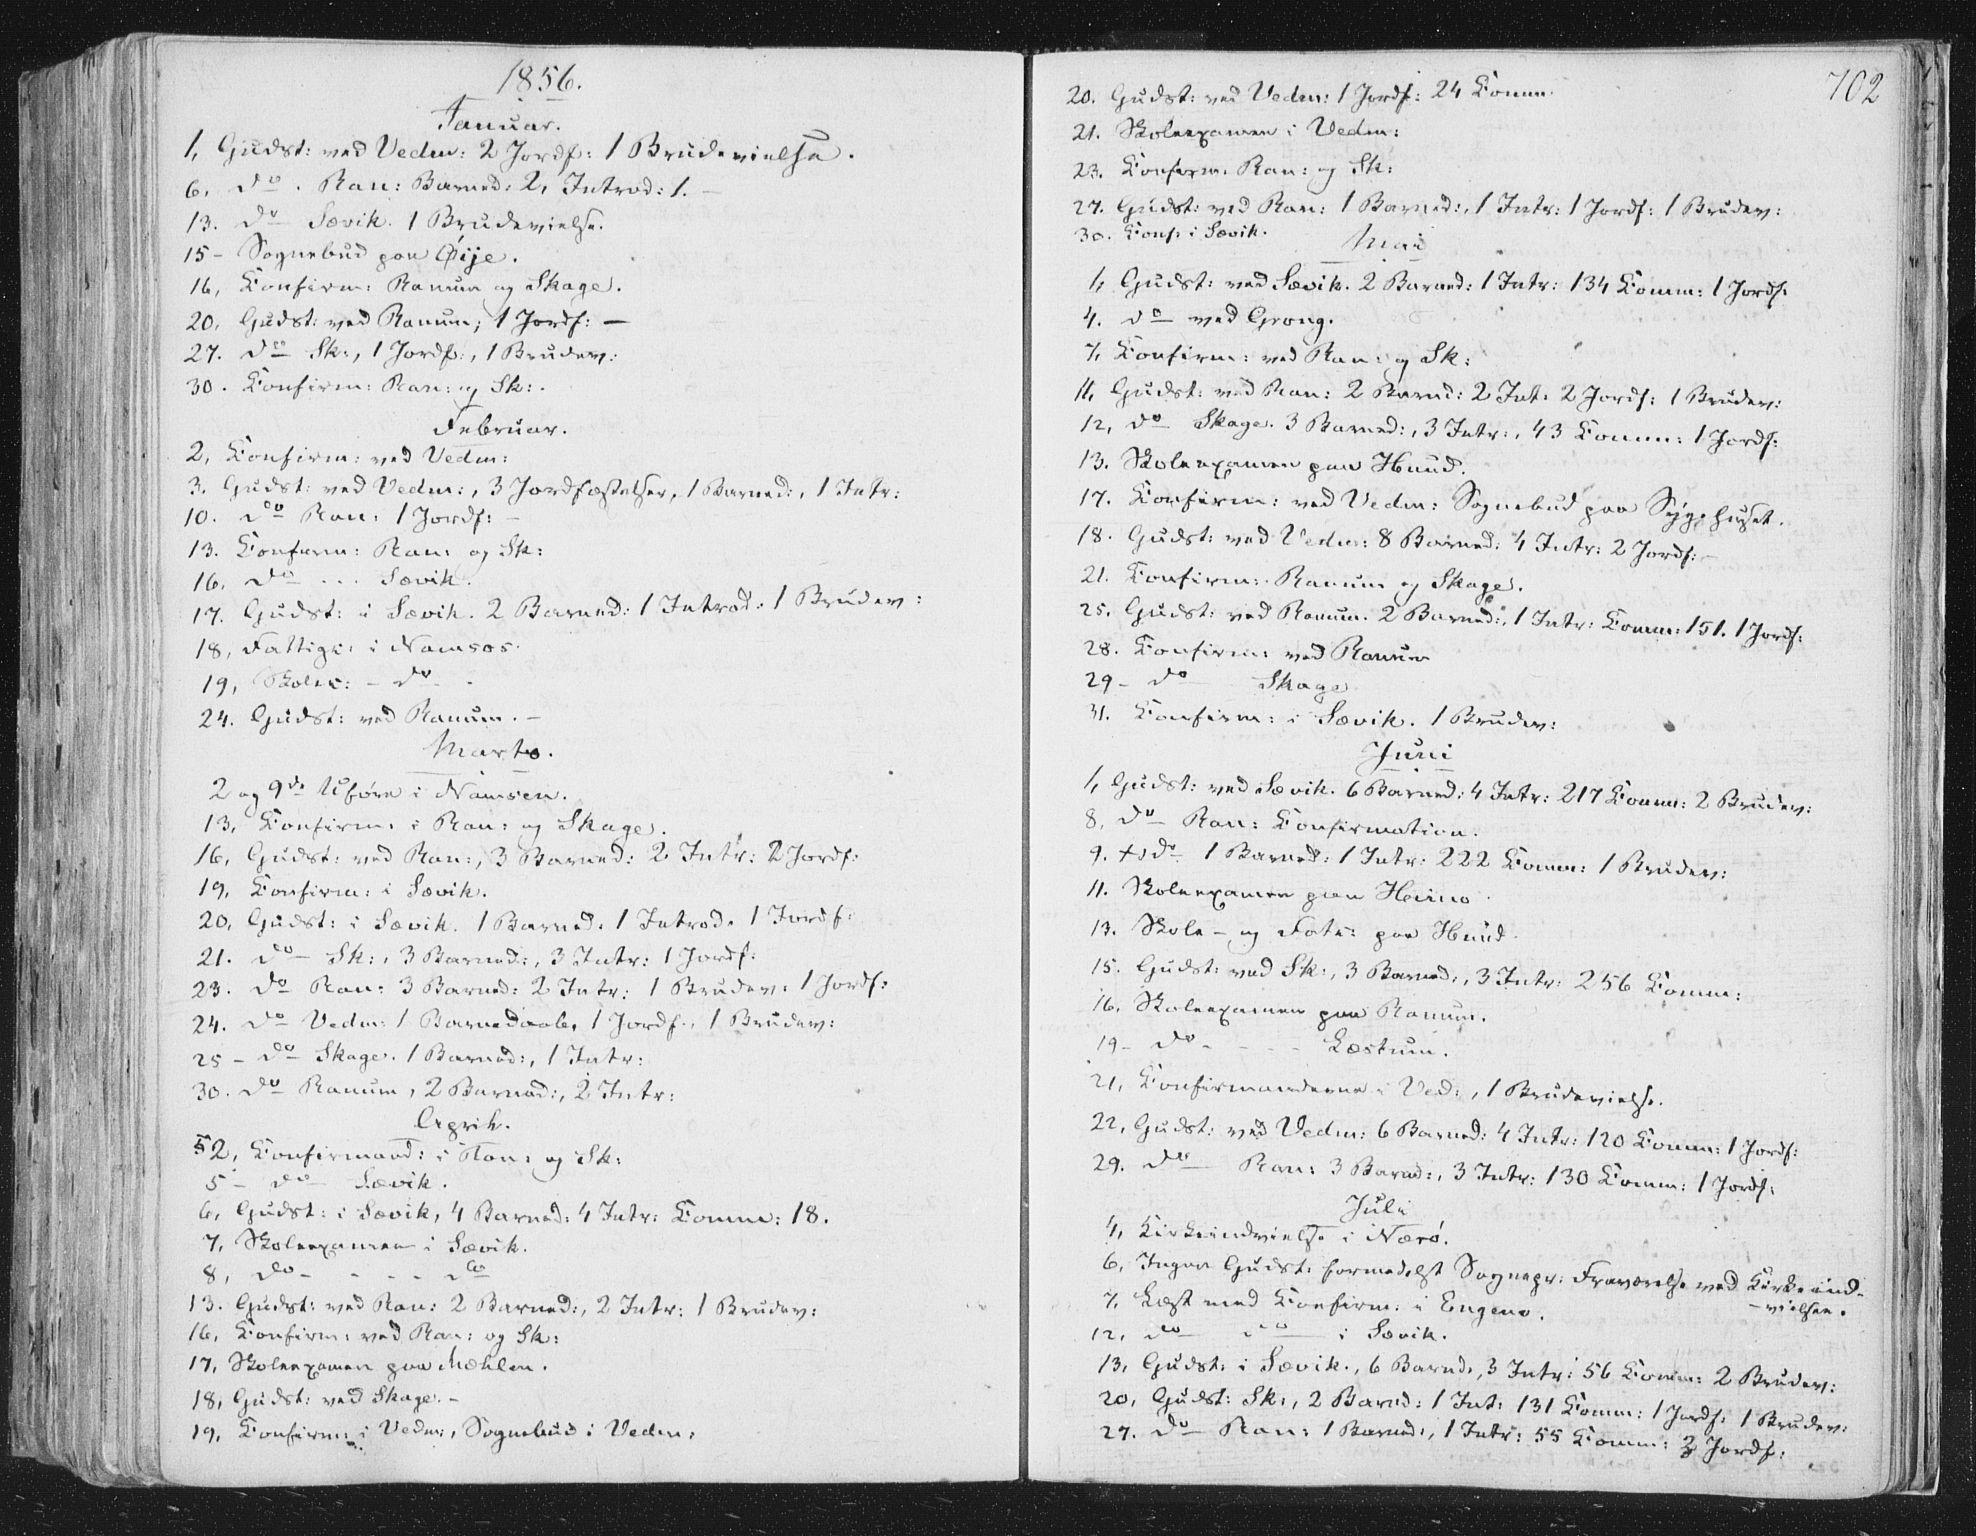 SAT, Ministerialprotokoller, klokkerbøker og fødselsregistre - Nord-Trøndelag, 764/L0552: Ministerialbok nr. 764A07b, 1824-1865, s. 702